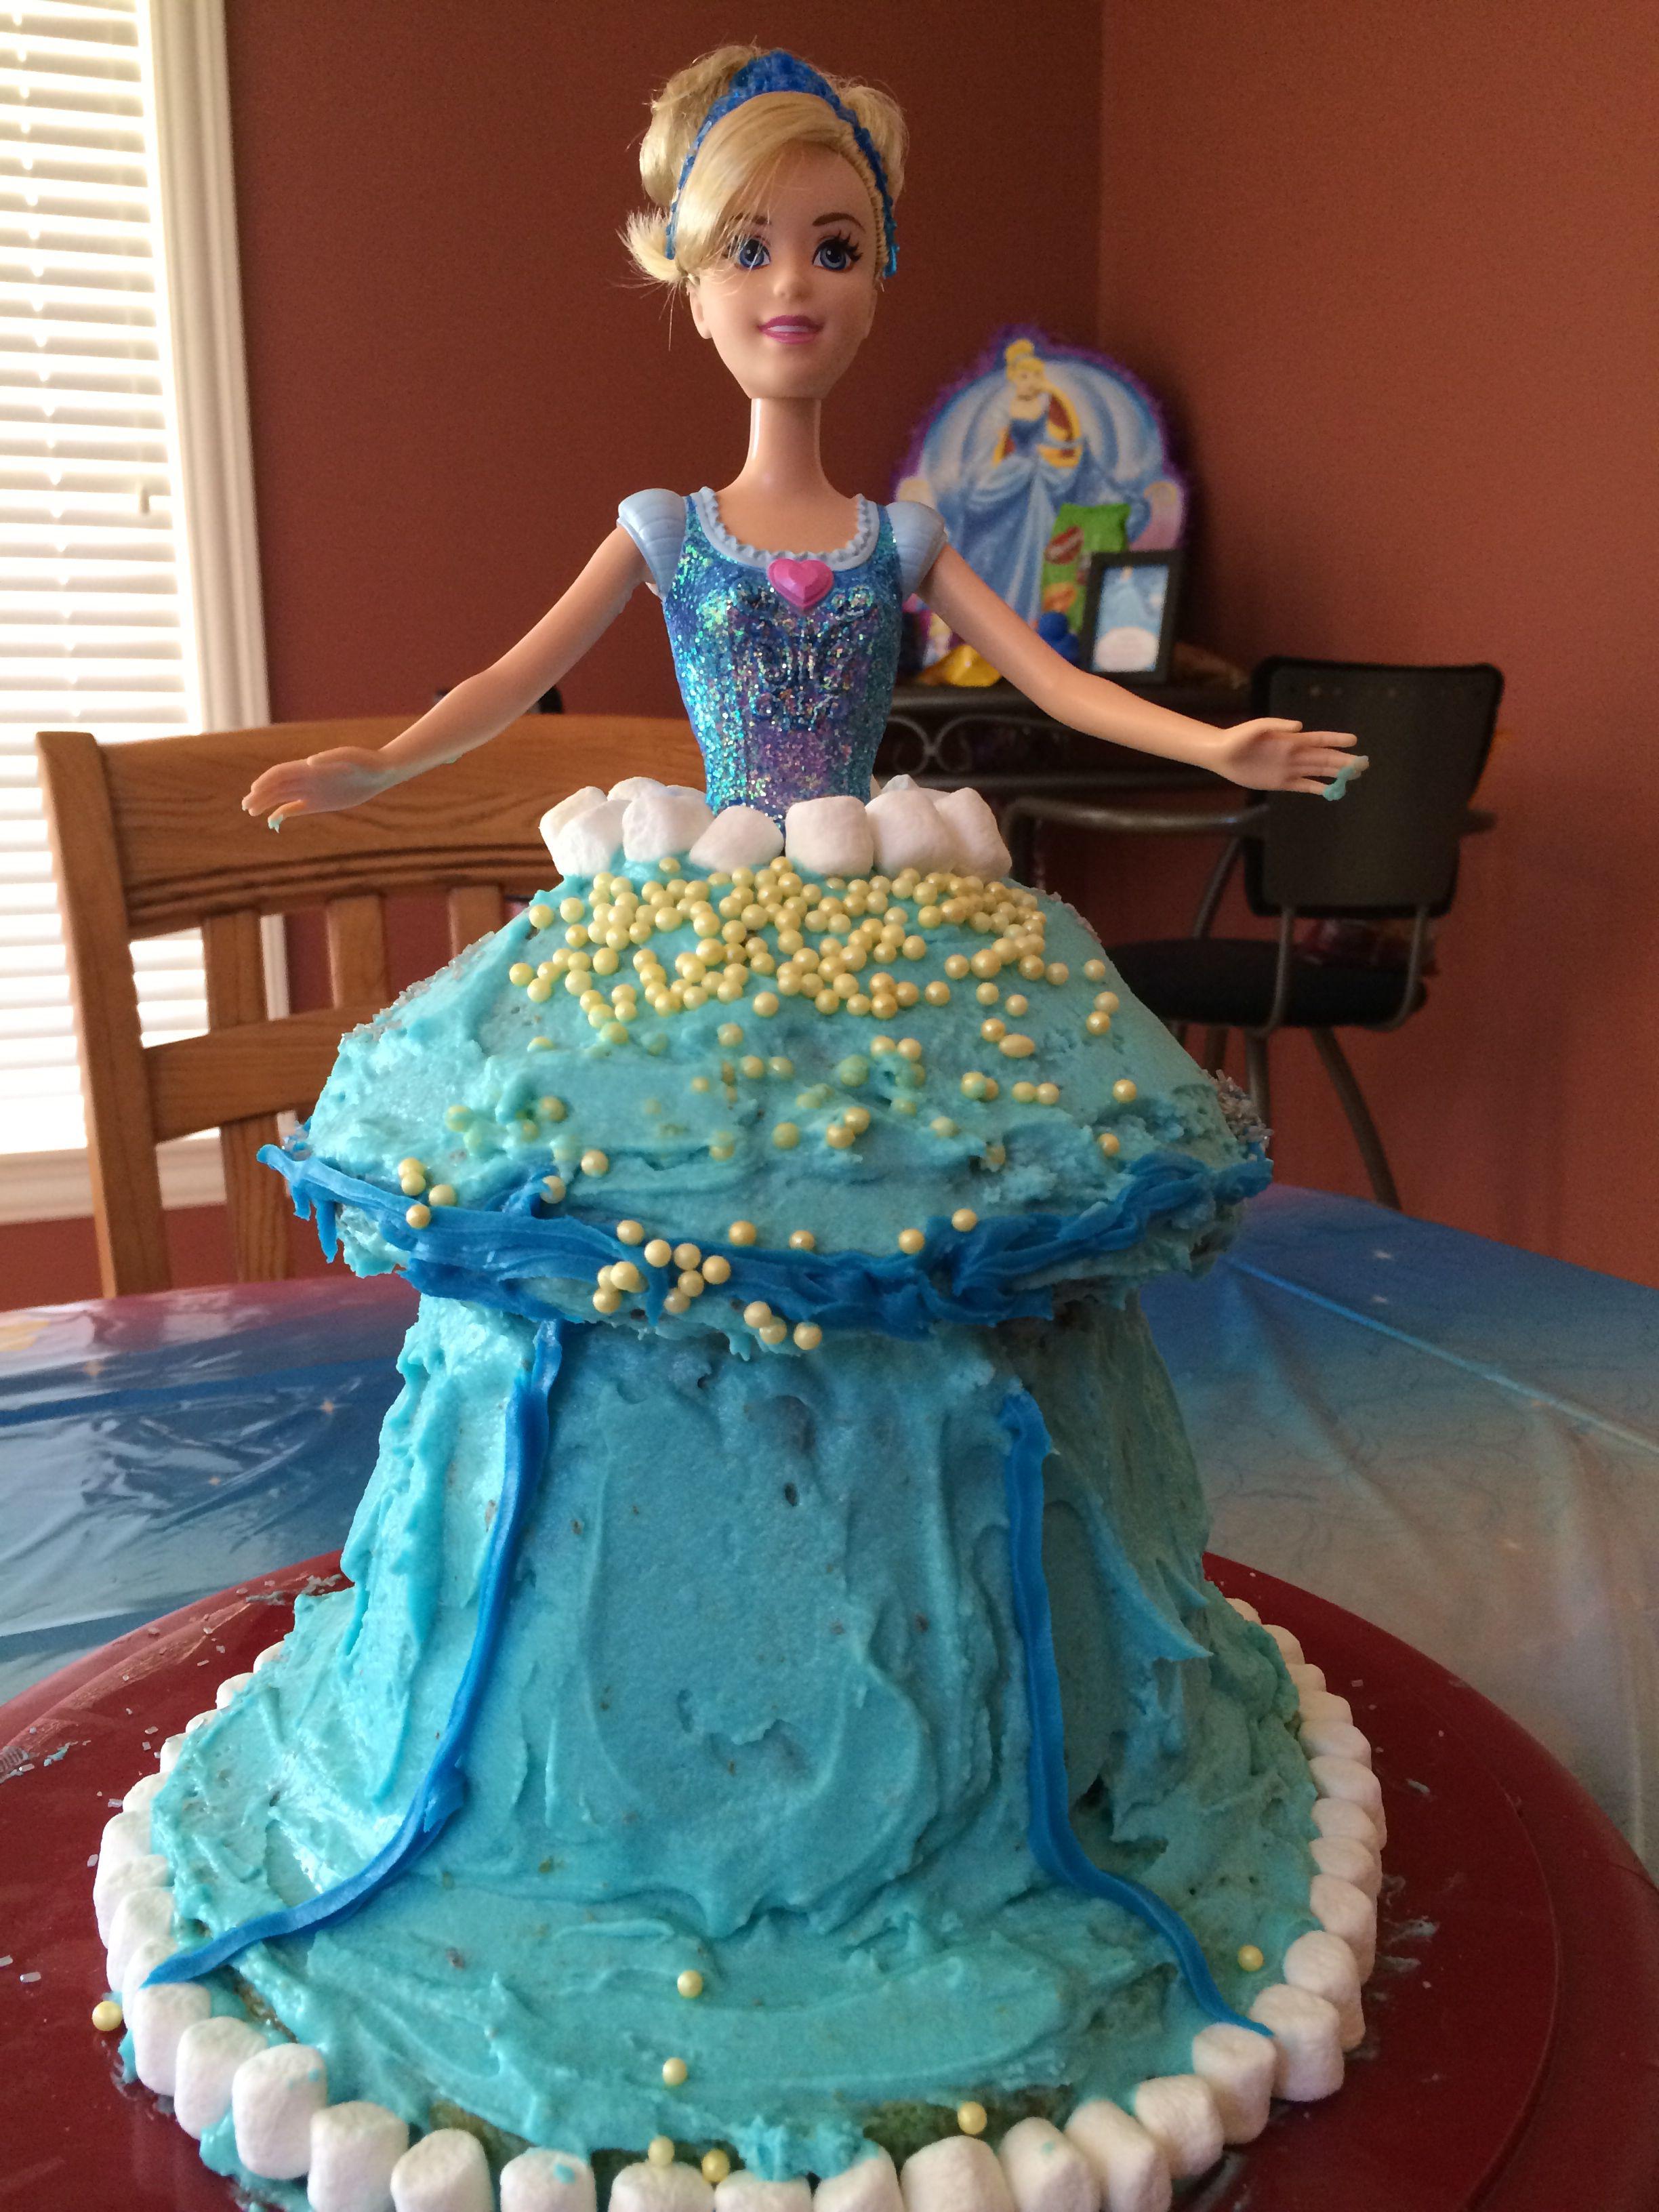 Cinderella birthday cake using giant cupcake pan